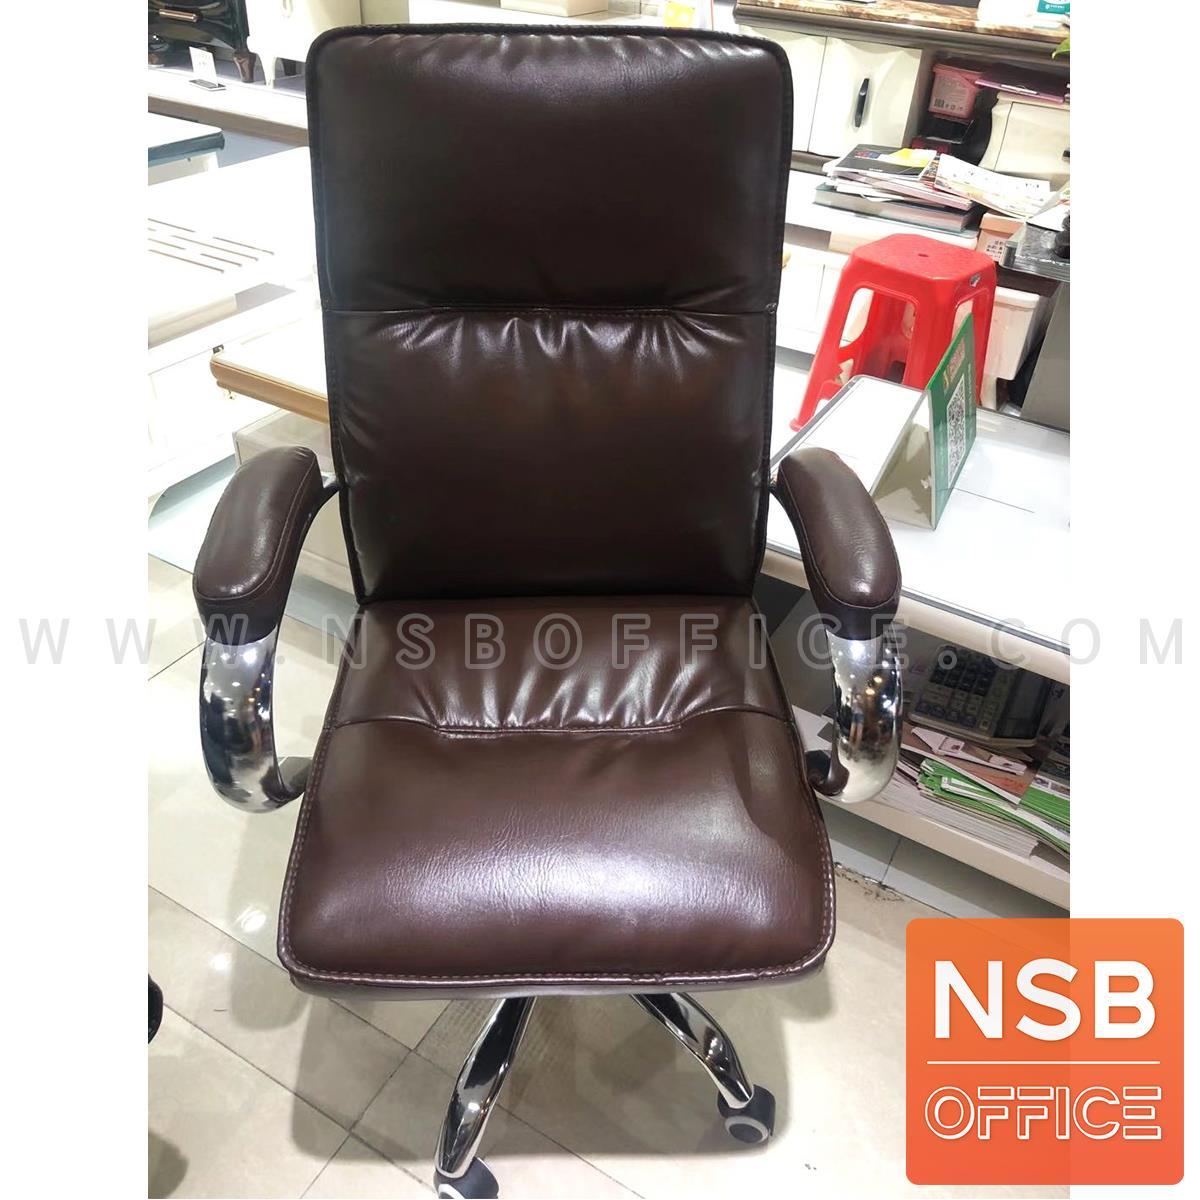 B01A535:เก้าอี้ผู้บริหาร รุ่น Classique (คลาสสิค)  โช๊คแก๊ส ก้อนโยก ขาเหล็กชุบโครเมี่ยม